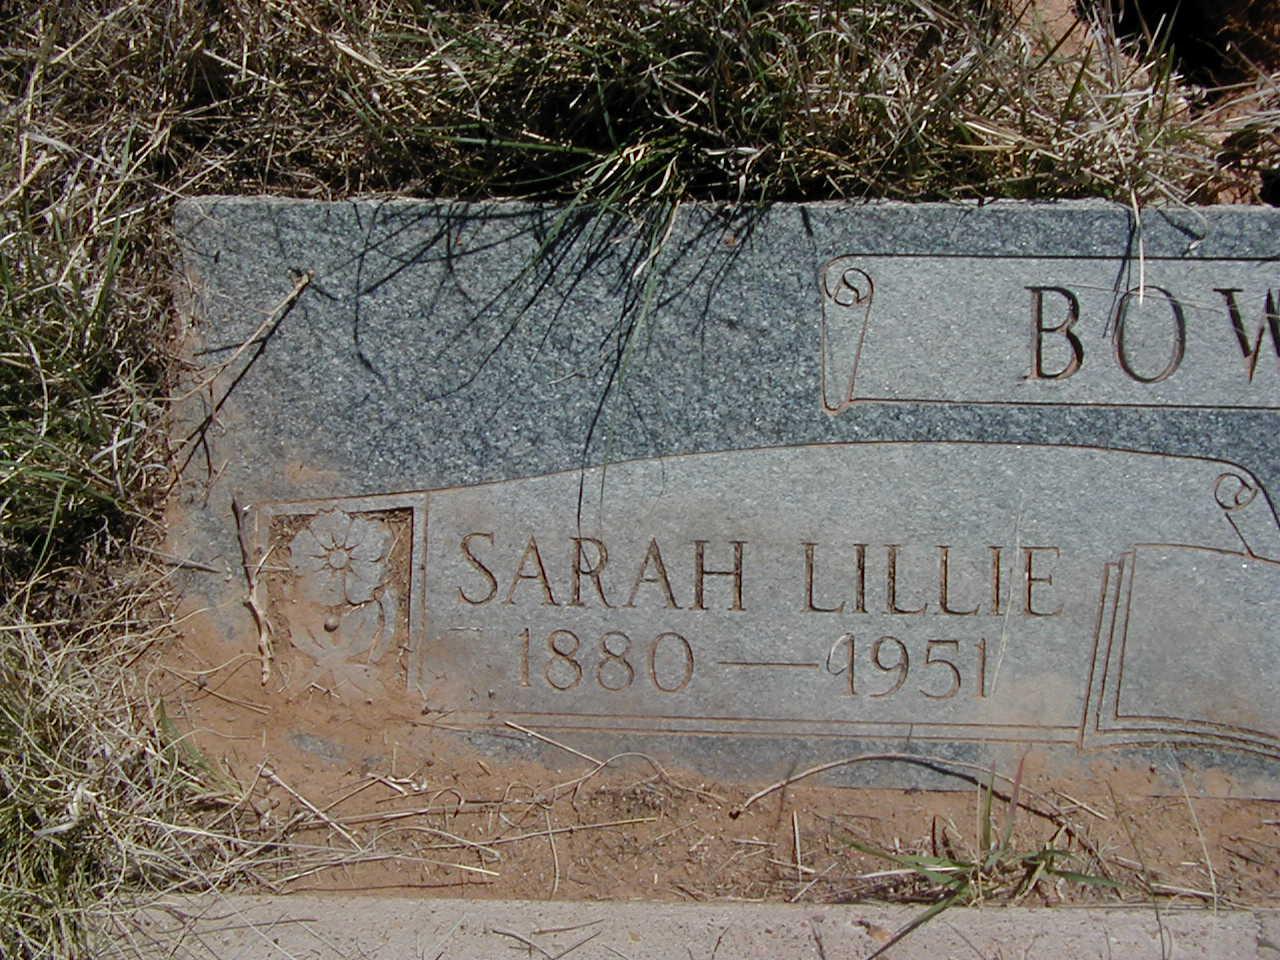 Sarah Lillie Bowlin